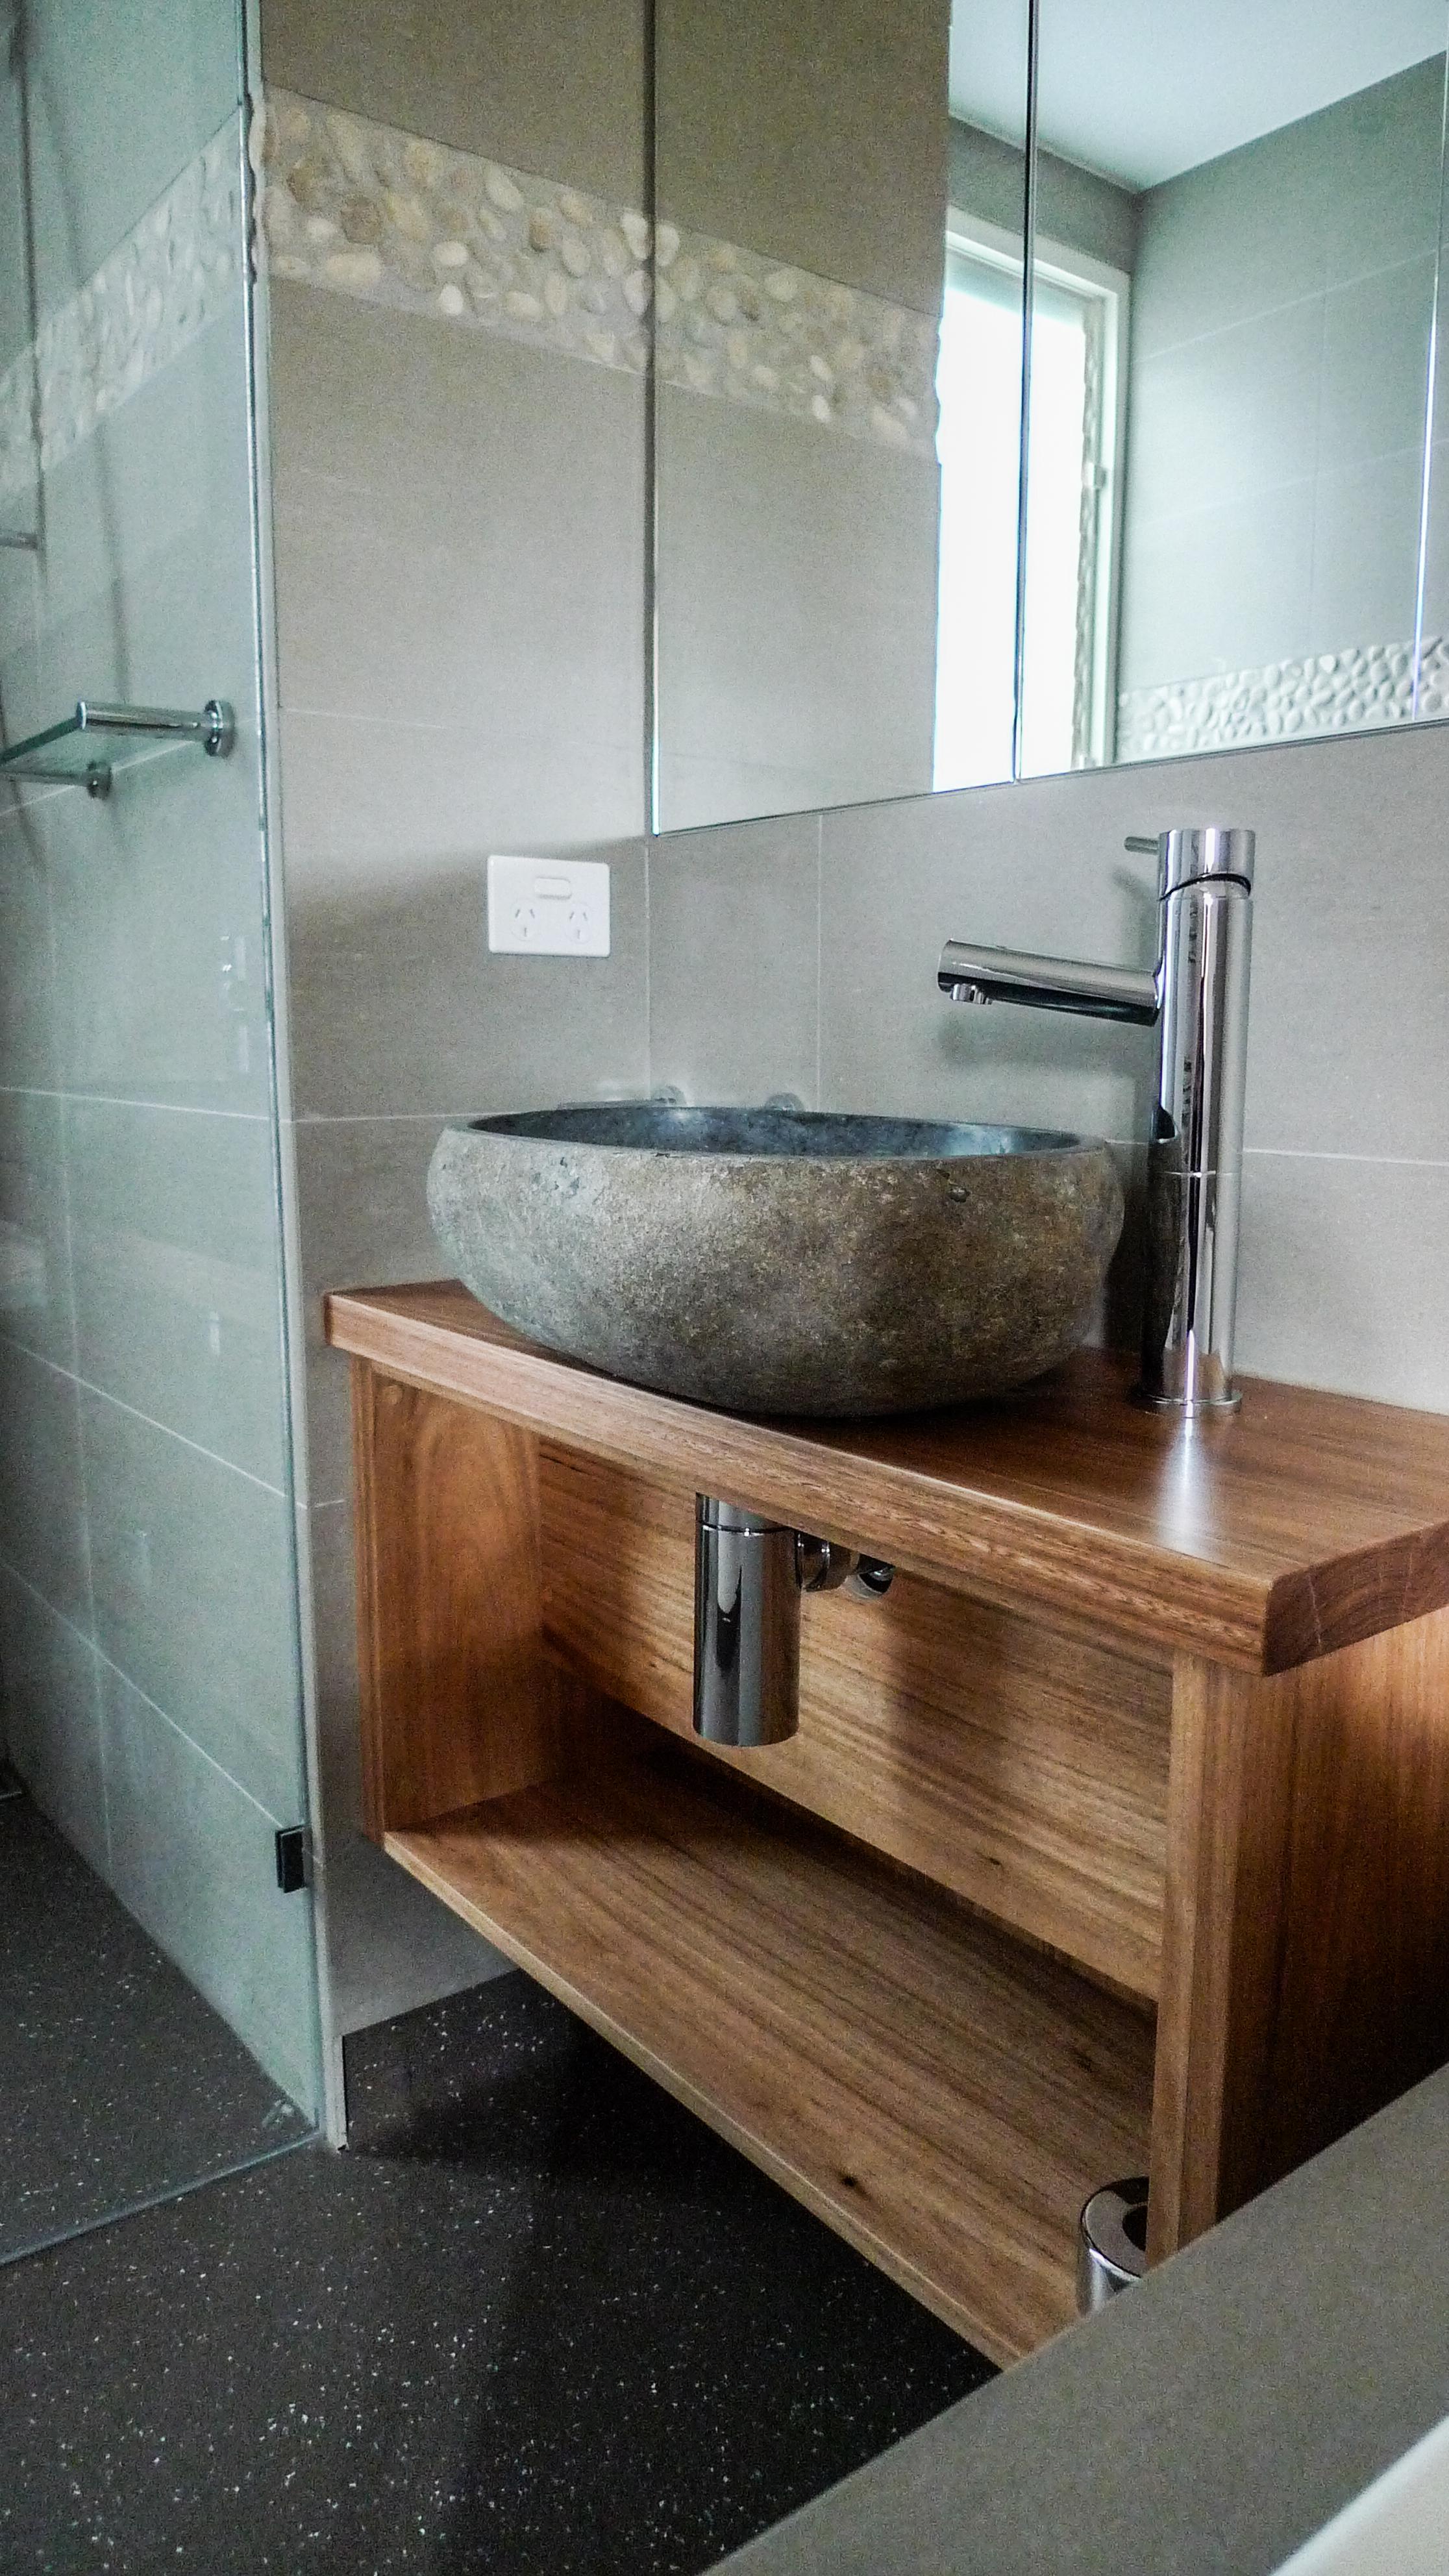 Bathroom vanity detail